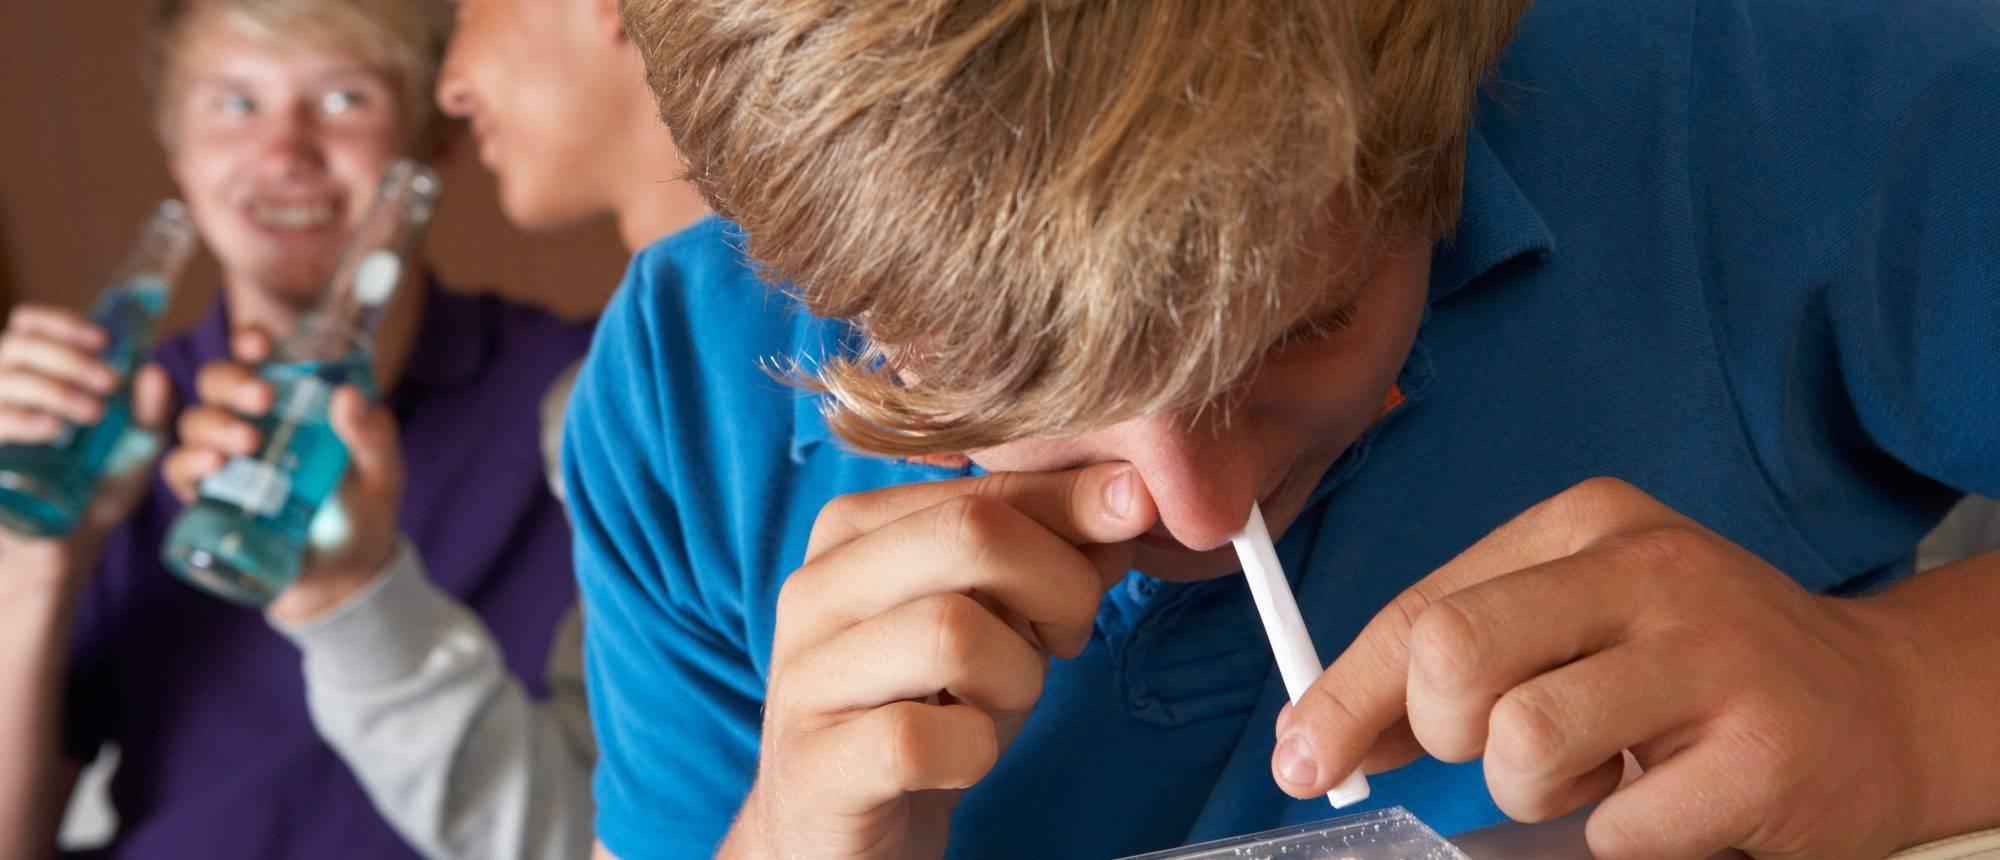 Ребенок употребляет наркотики, что делать?